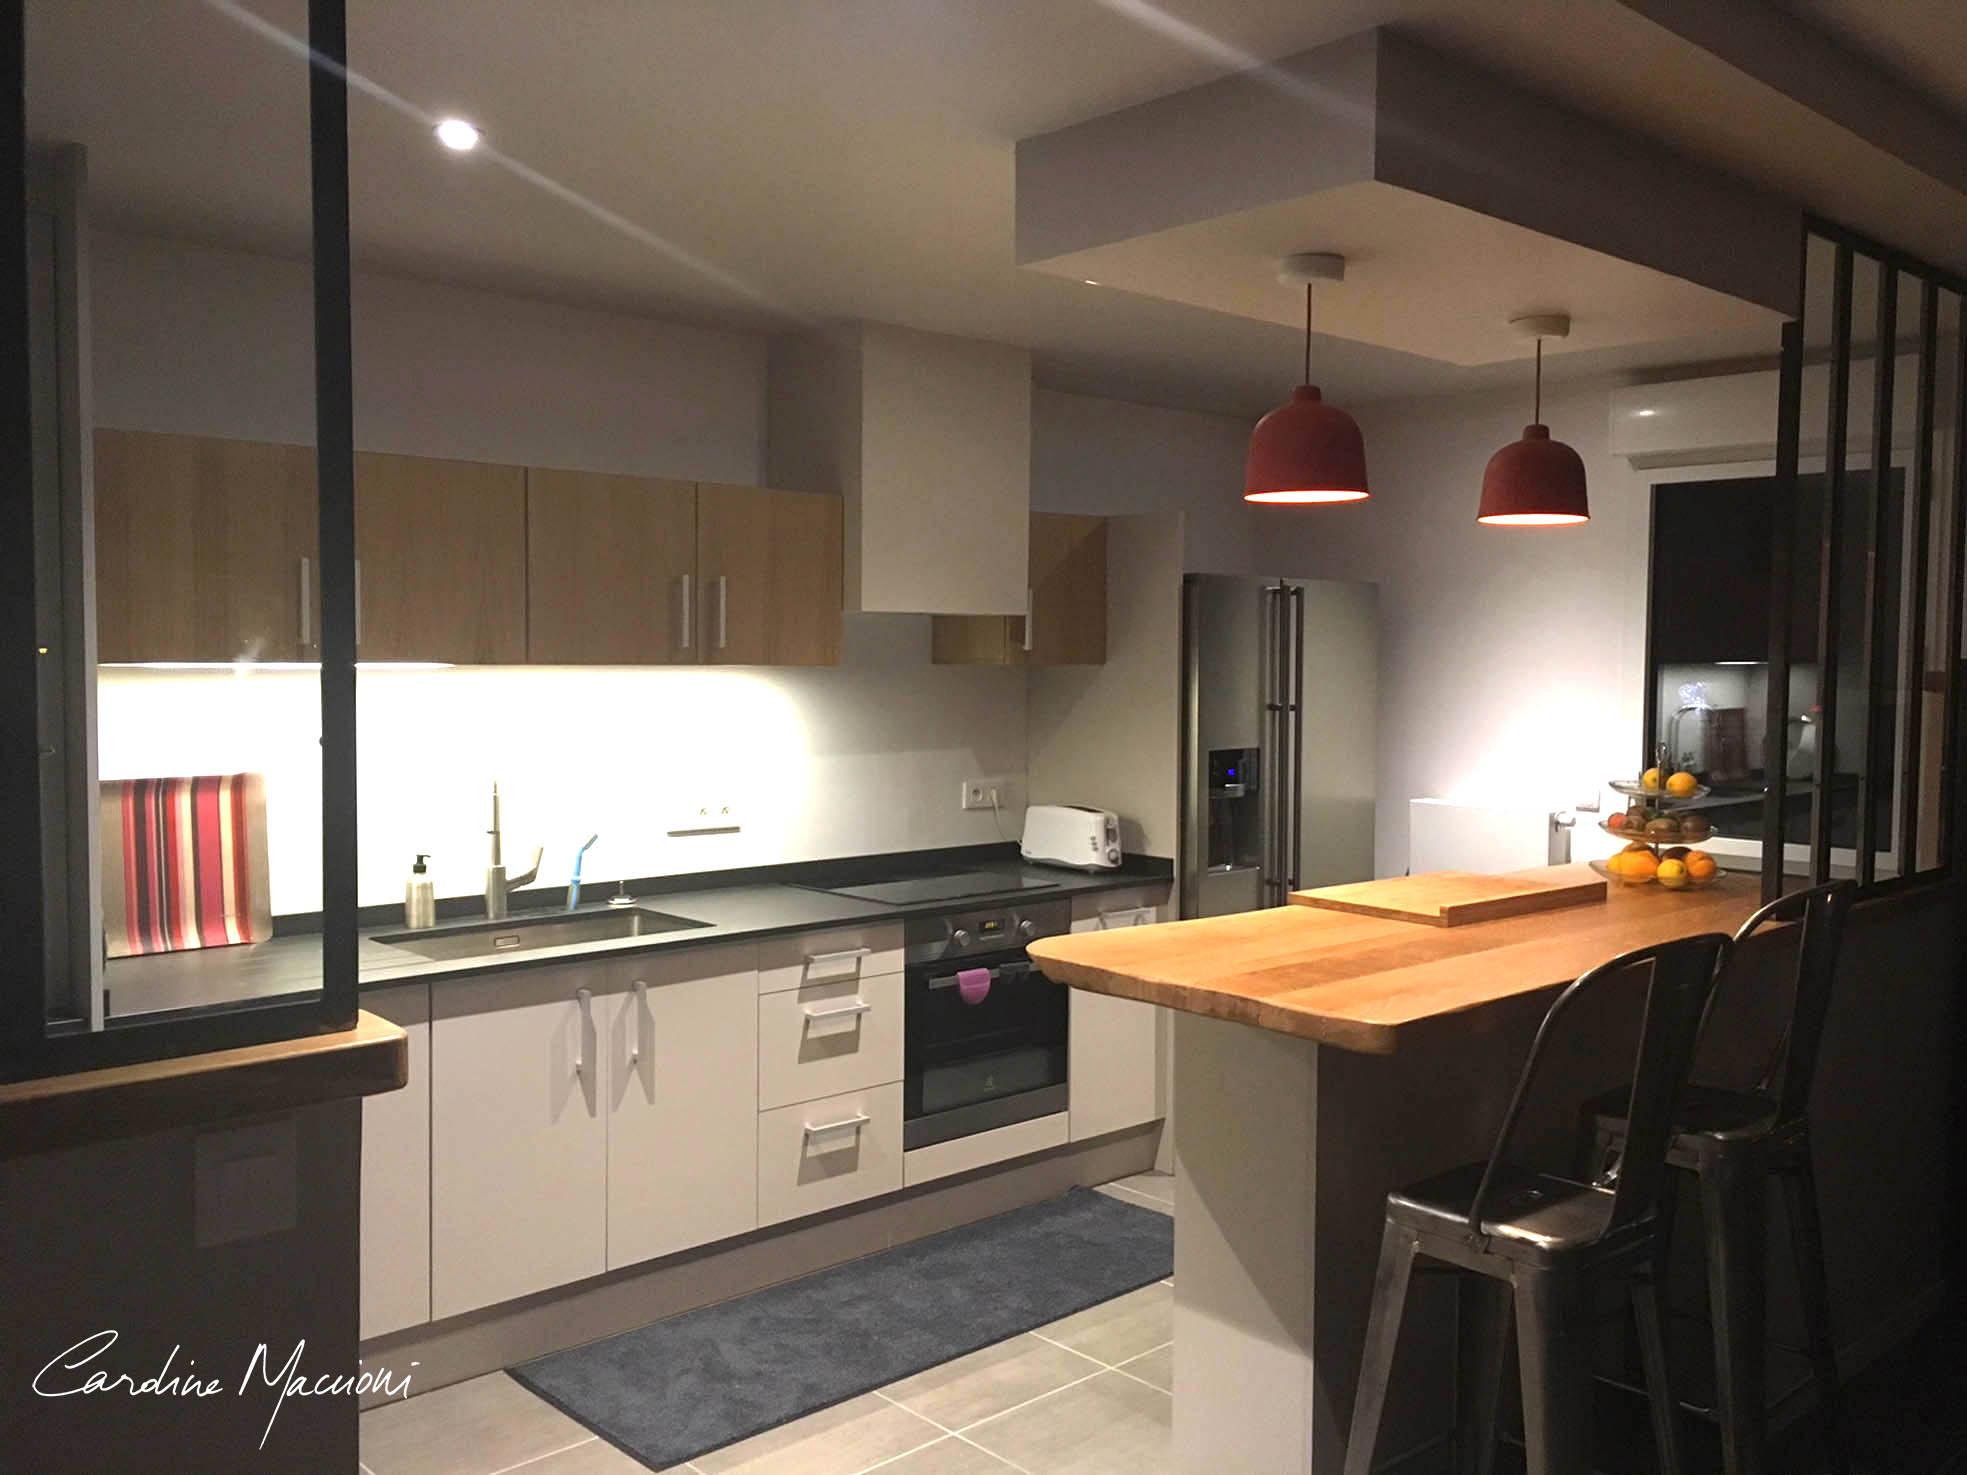 Aménagement et décoration d'intérieur appartement haut de gamme hyper-centre Bayonne Côte Basque (64)